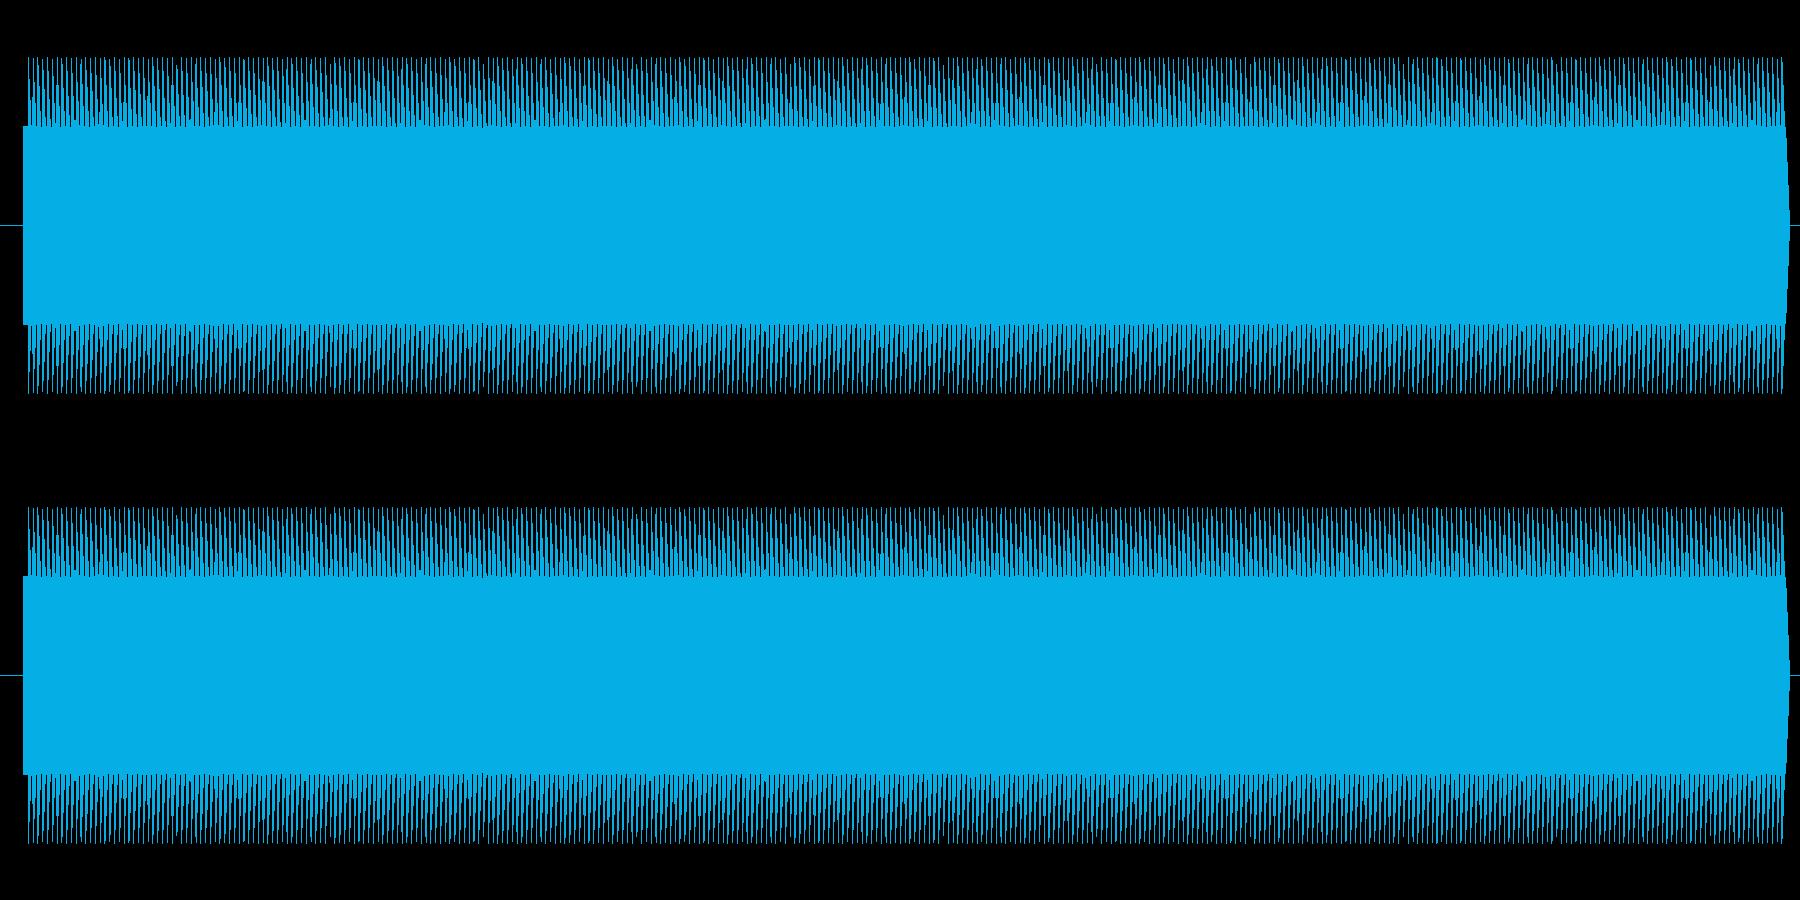 鉄道サウンド 駅発車ベル タイプAの再生済みの波形